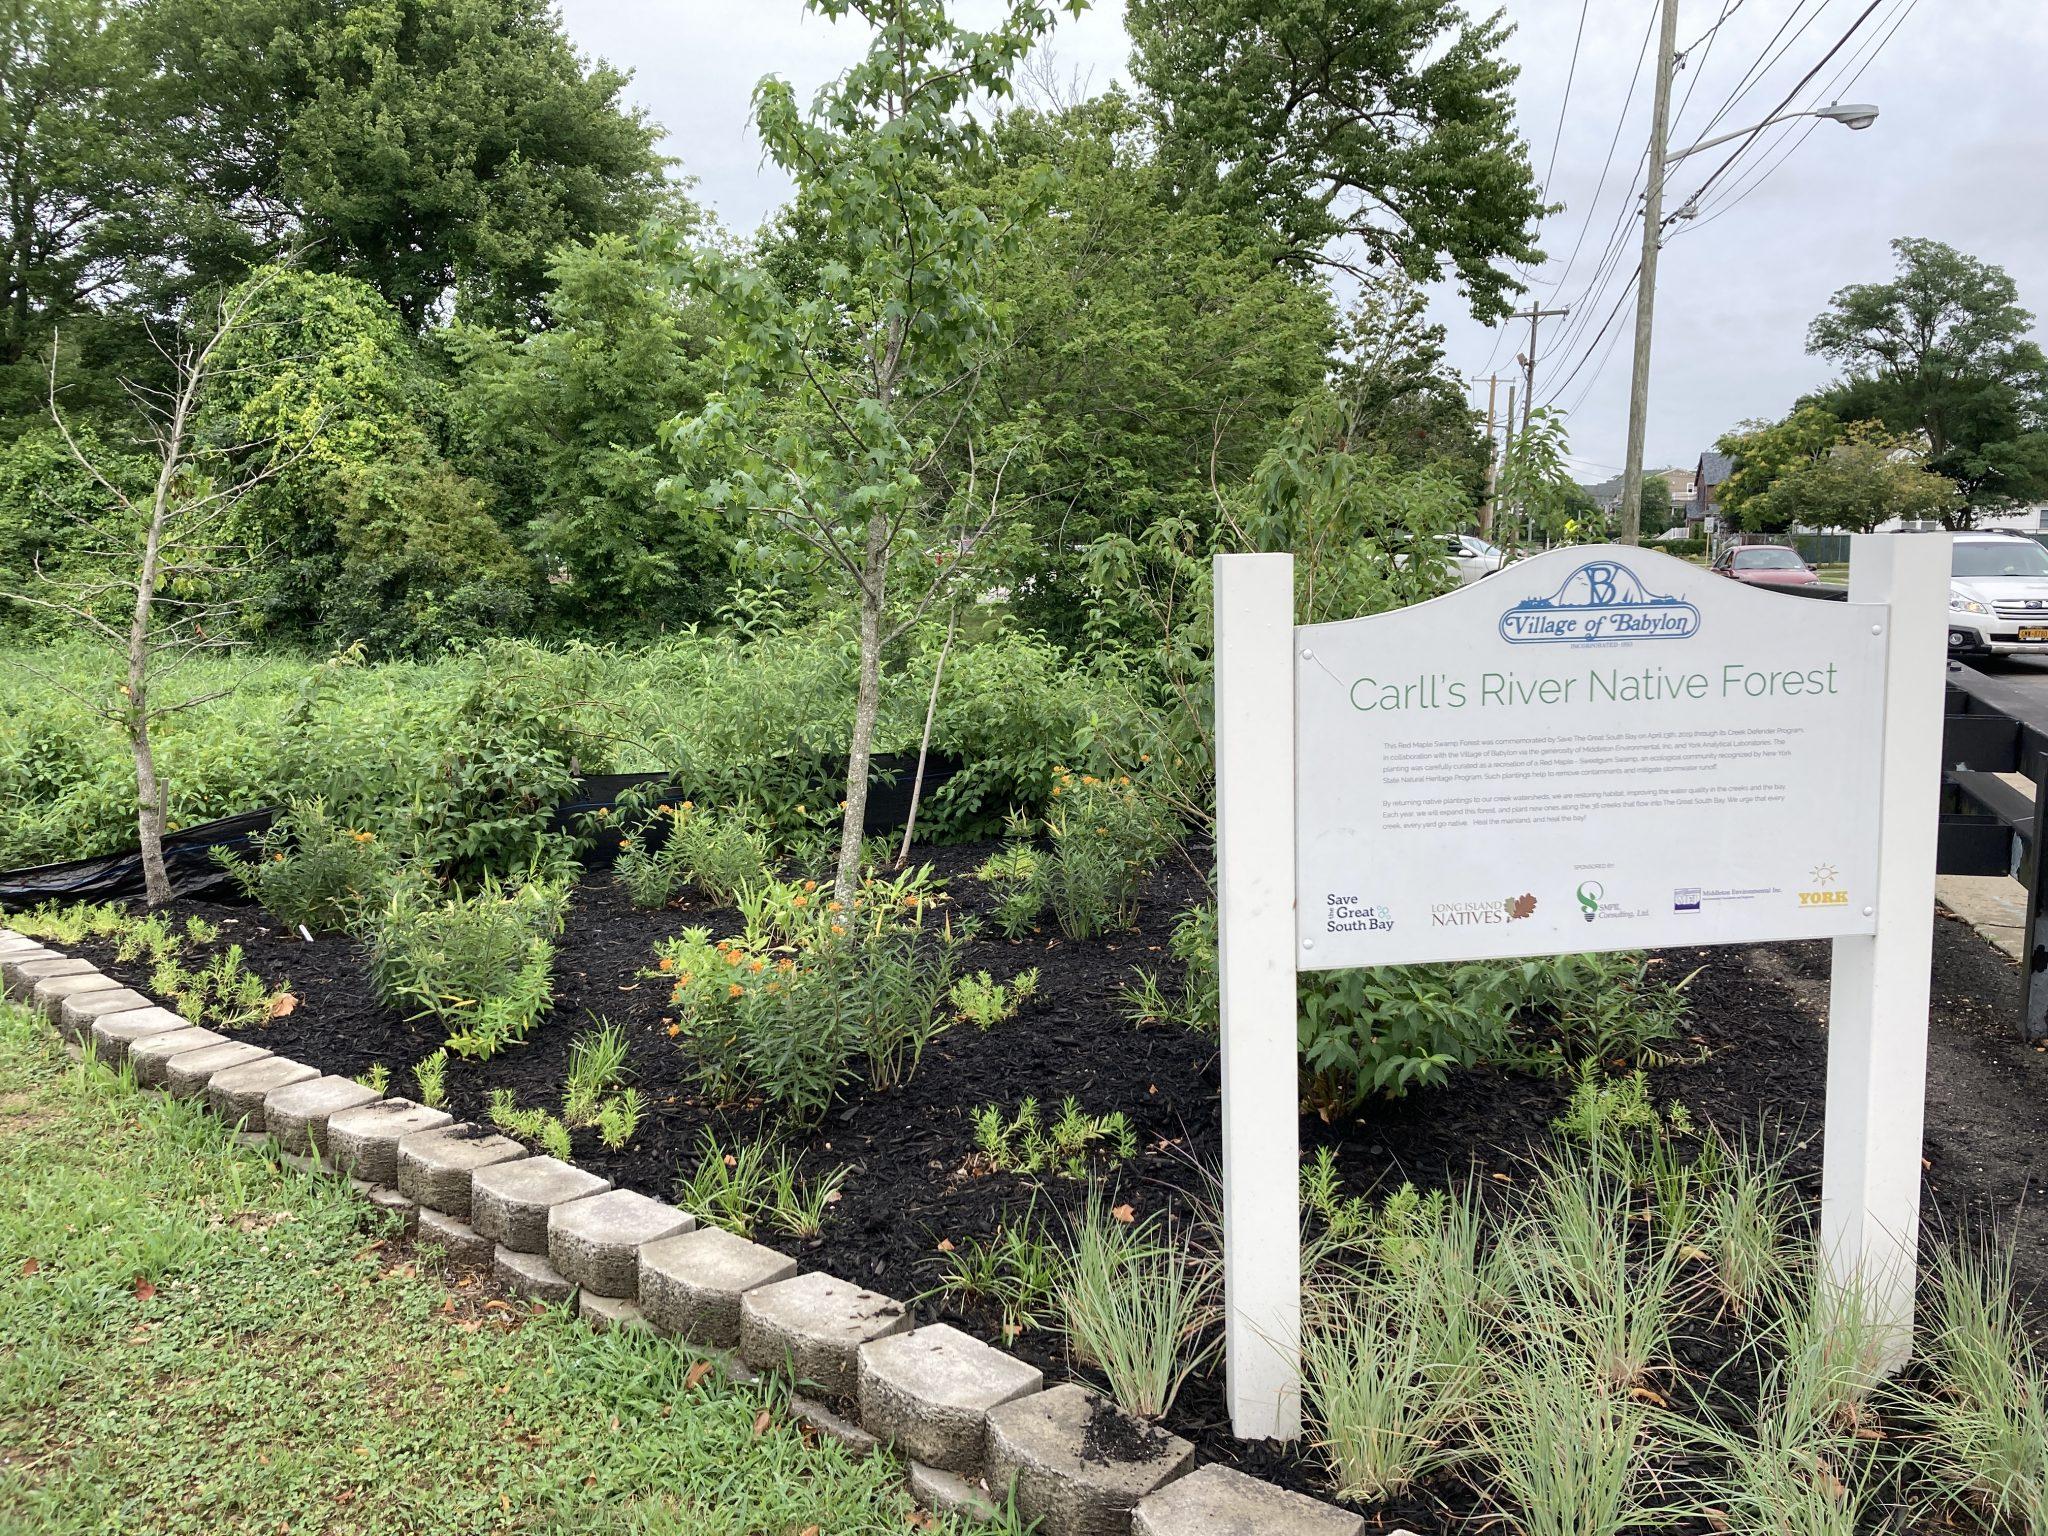 Restoring Habitat Along Carll's River